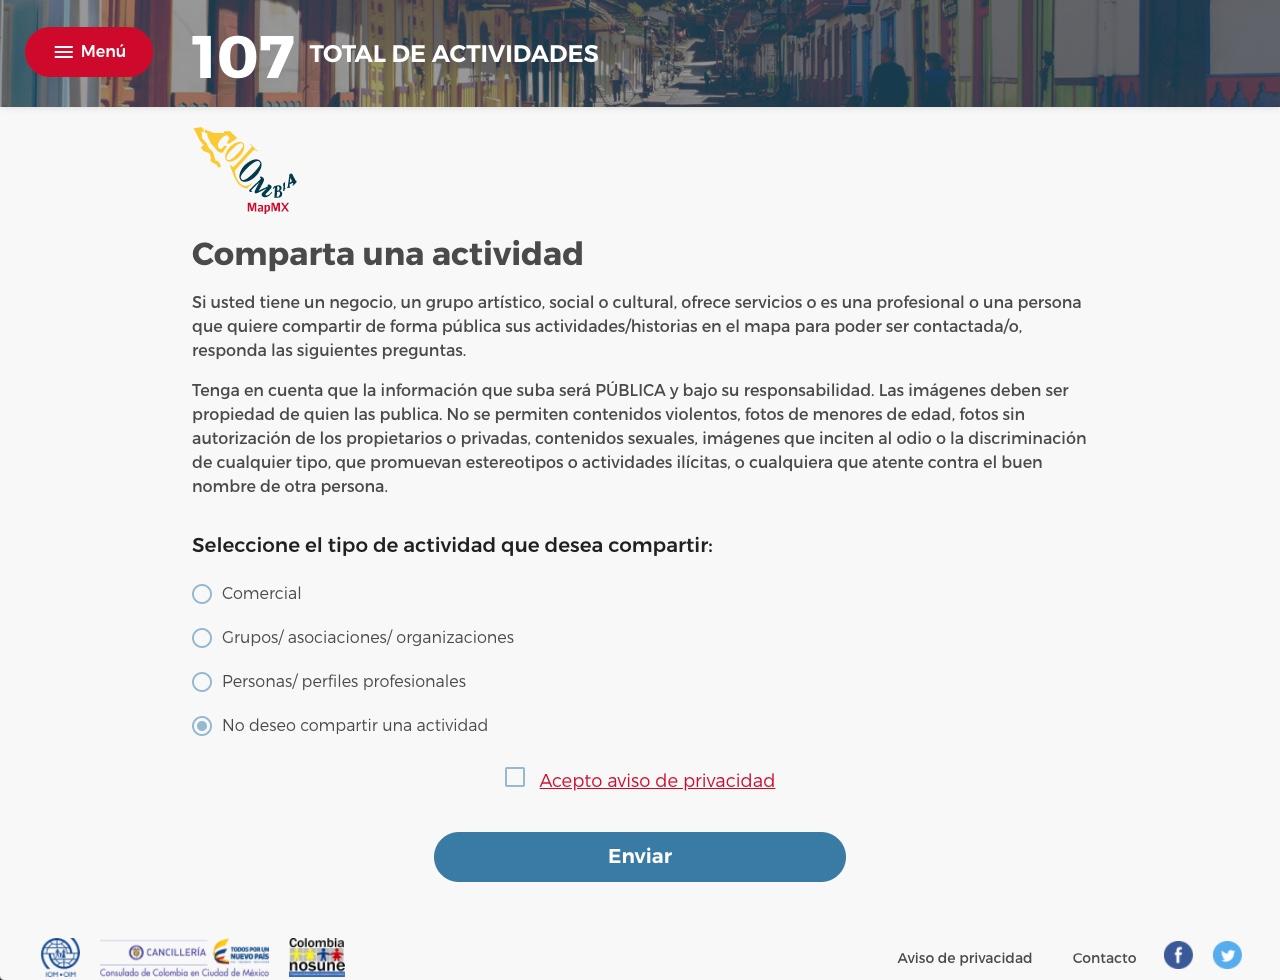 Comparte tu negocio, grupo artístico, social o cultural en el mapa colaborativo de la población colombiana en México.